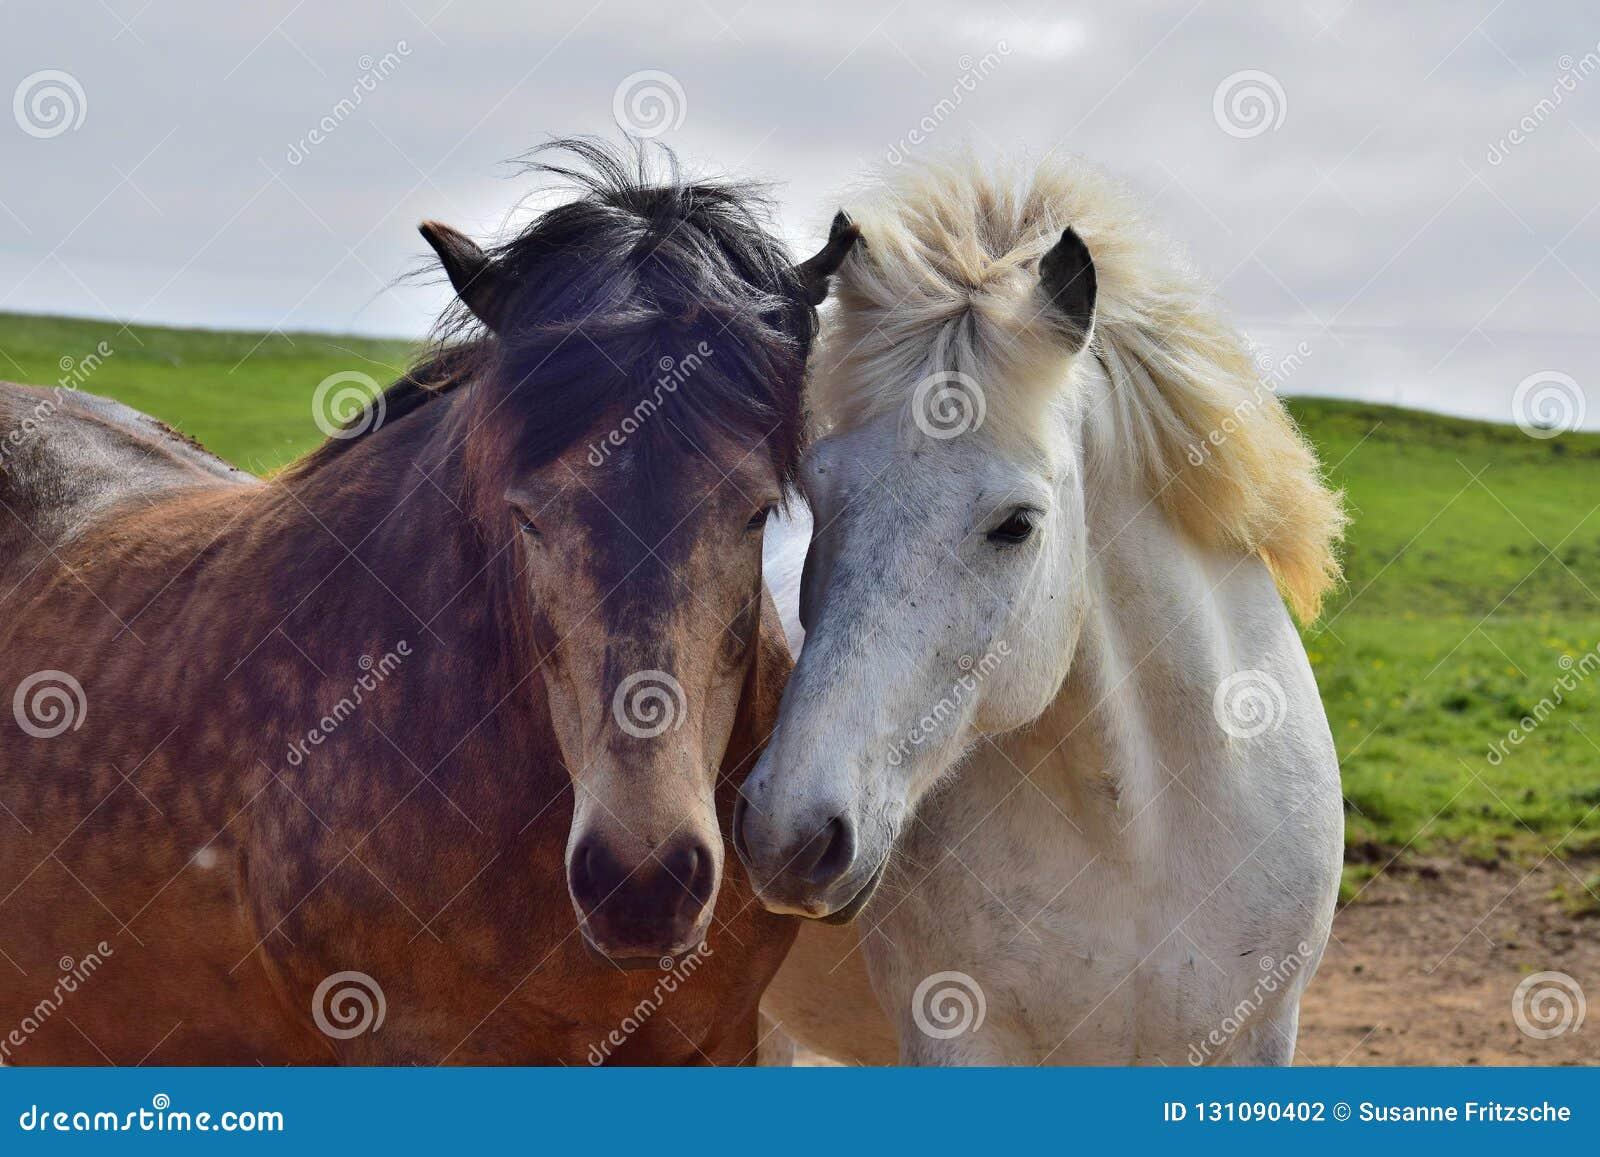 Två isländska hästar satte deras huvud i kamratskap tillsammans